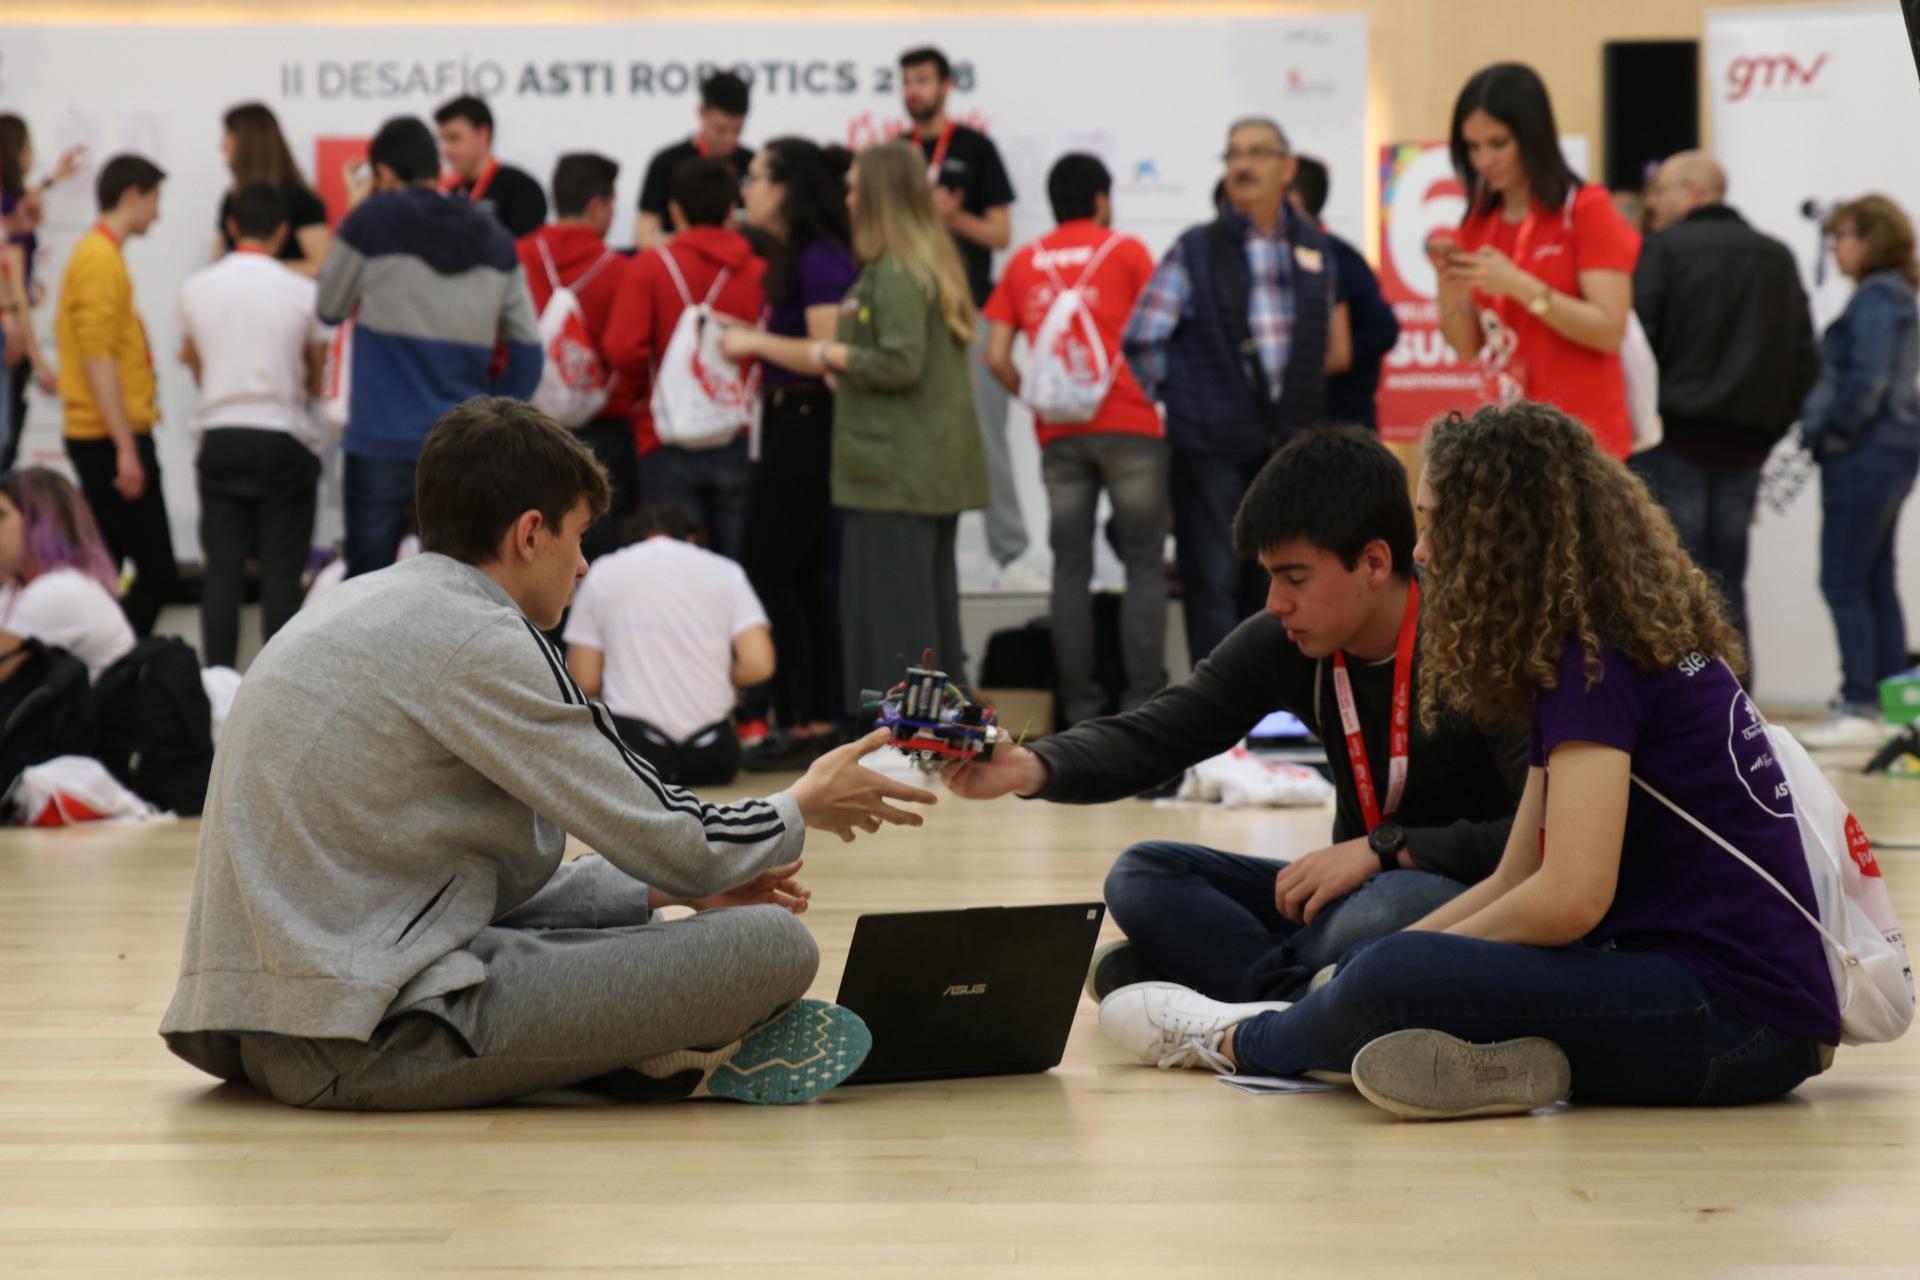 El Desafío ASTI Robotics buscará la internacionalización en 2019